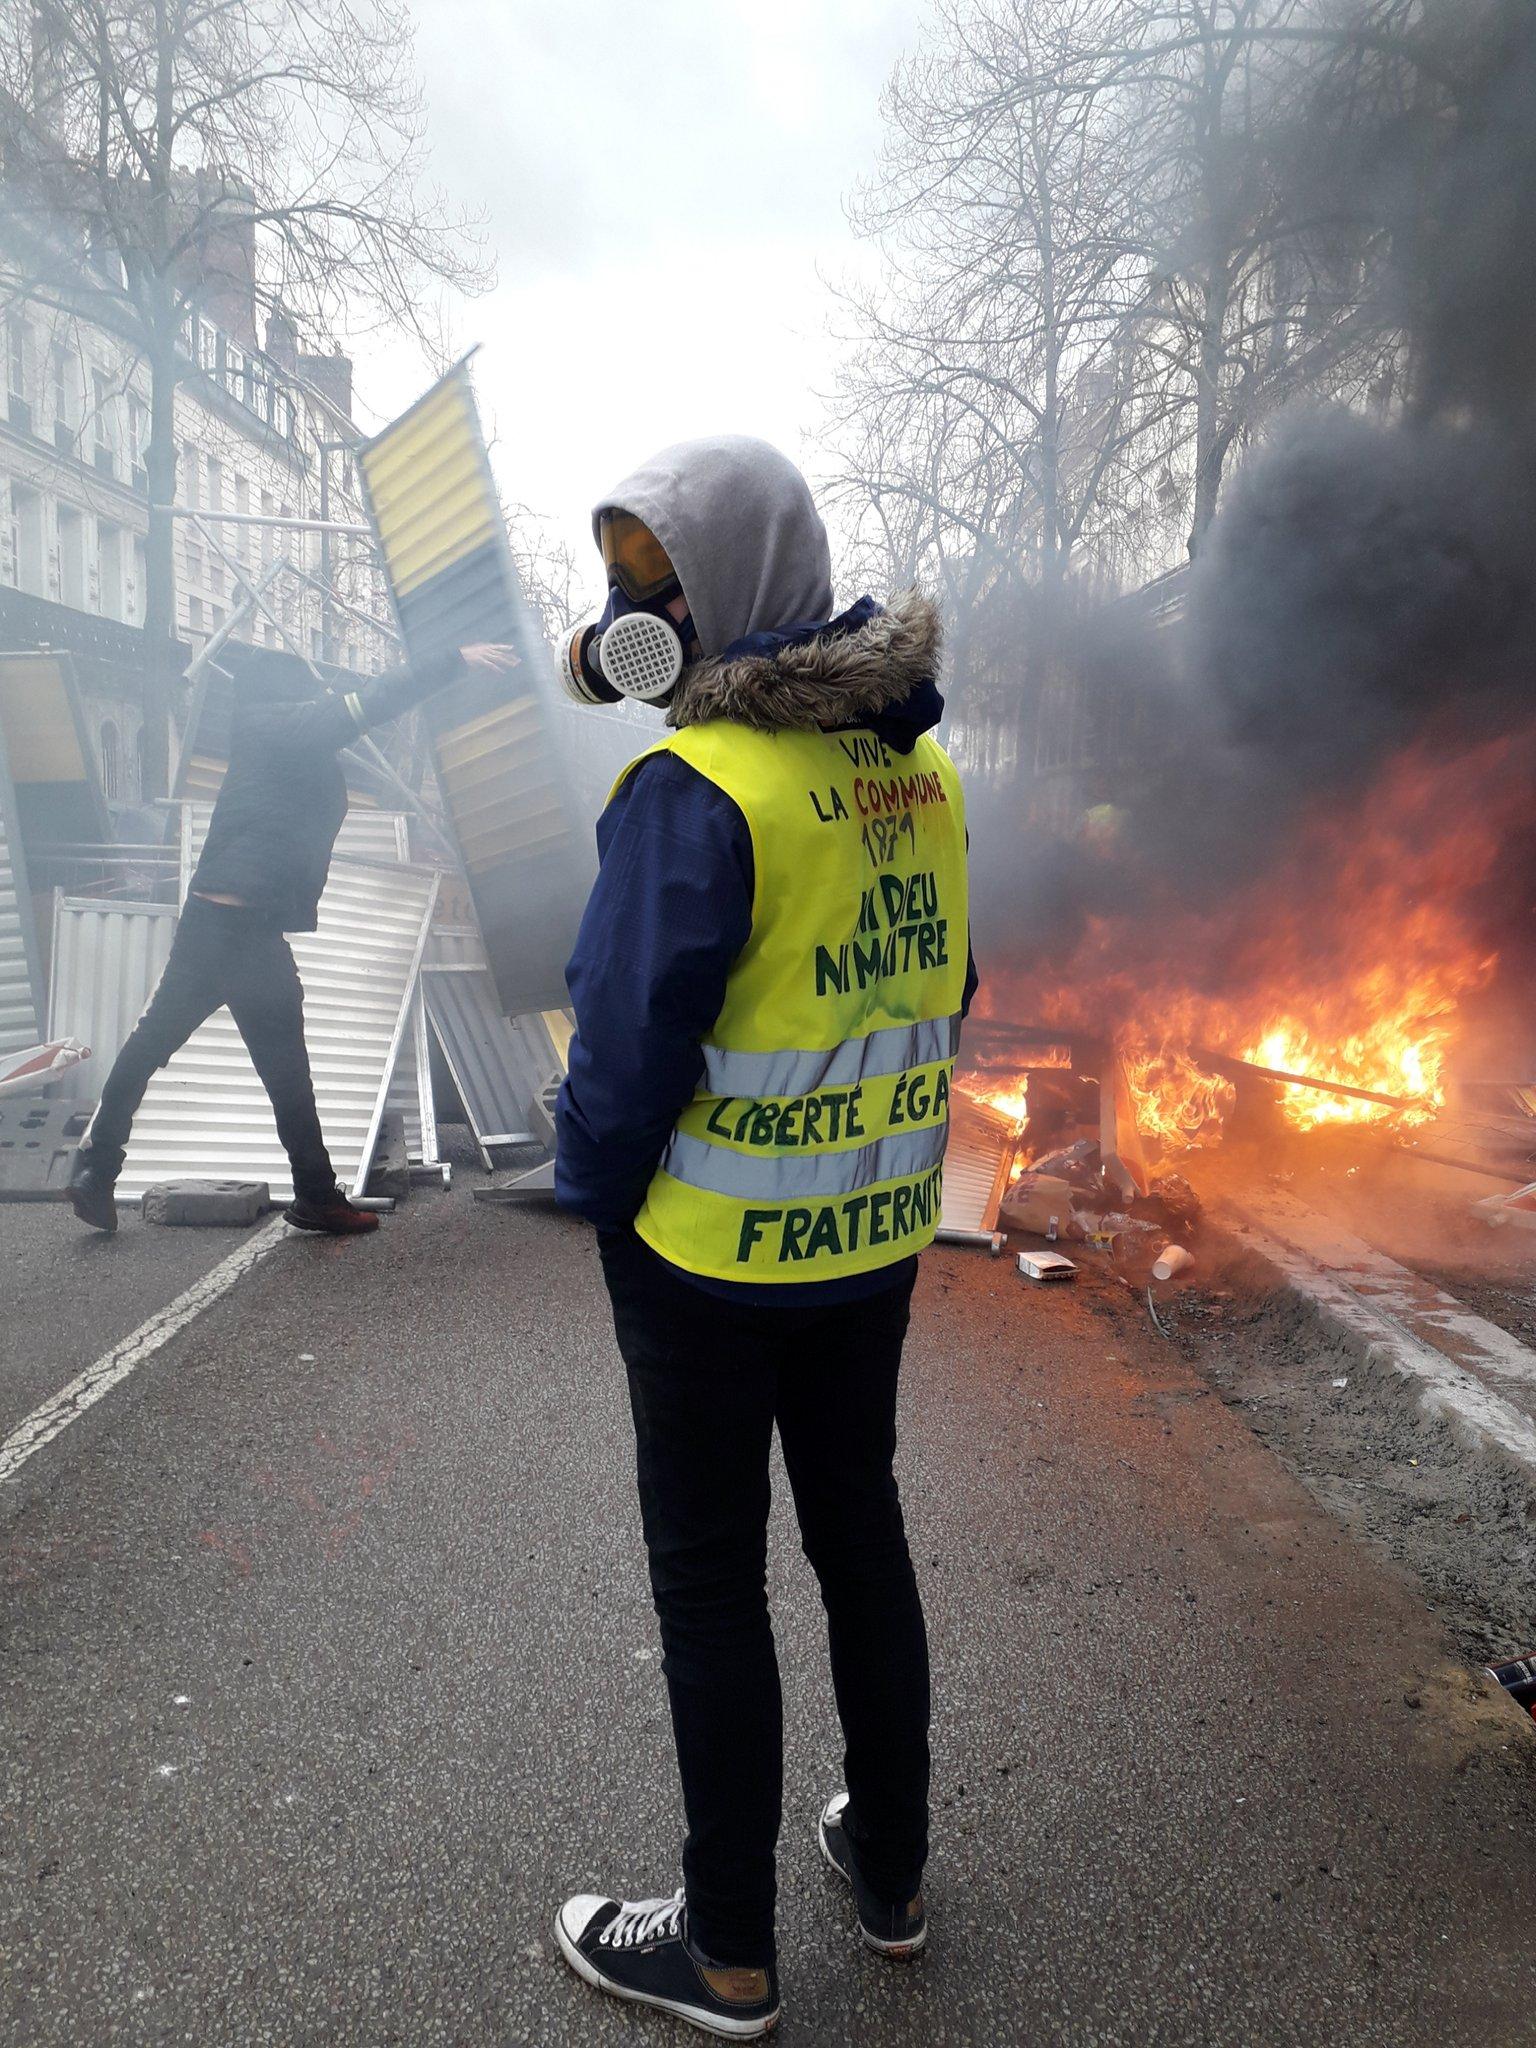 File:Un gilet jaune devant une barricade à Rouen lors de l'acte XII (2 février 2019).jpg - Wikimedia Commons